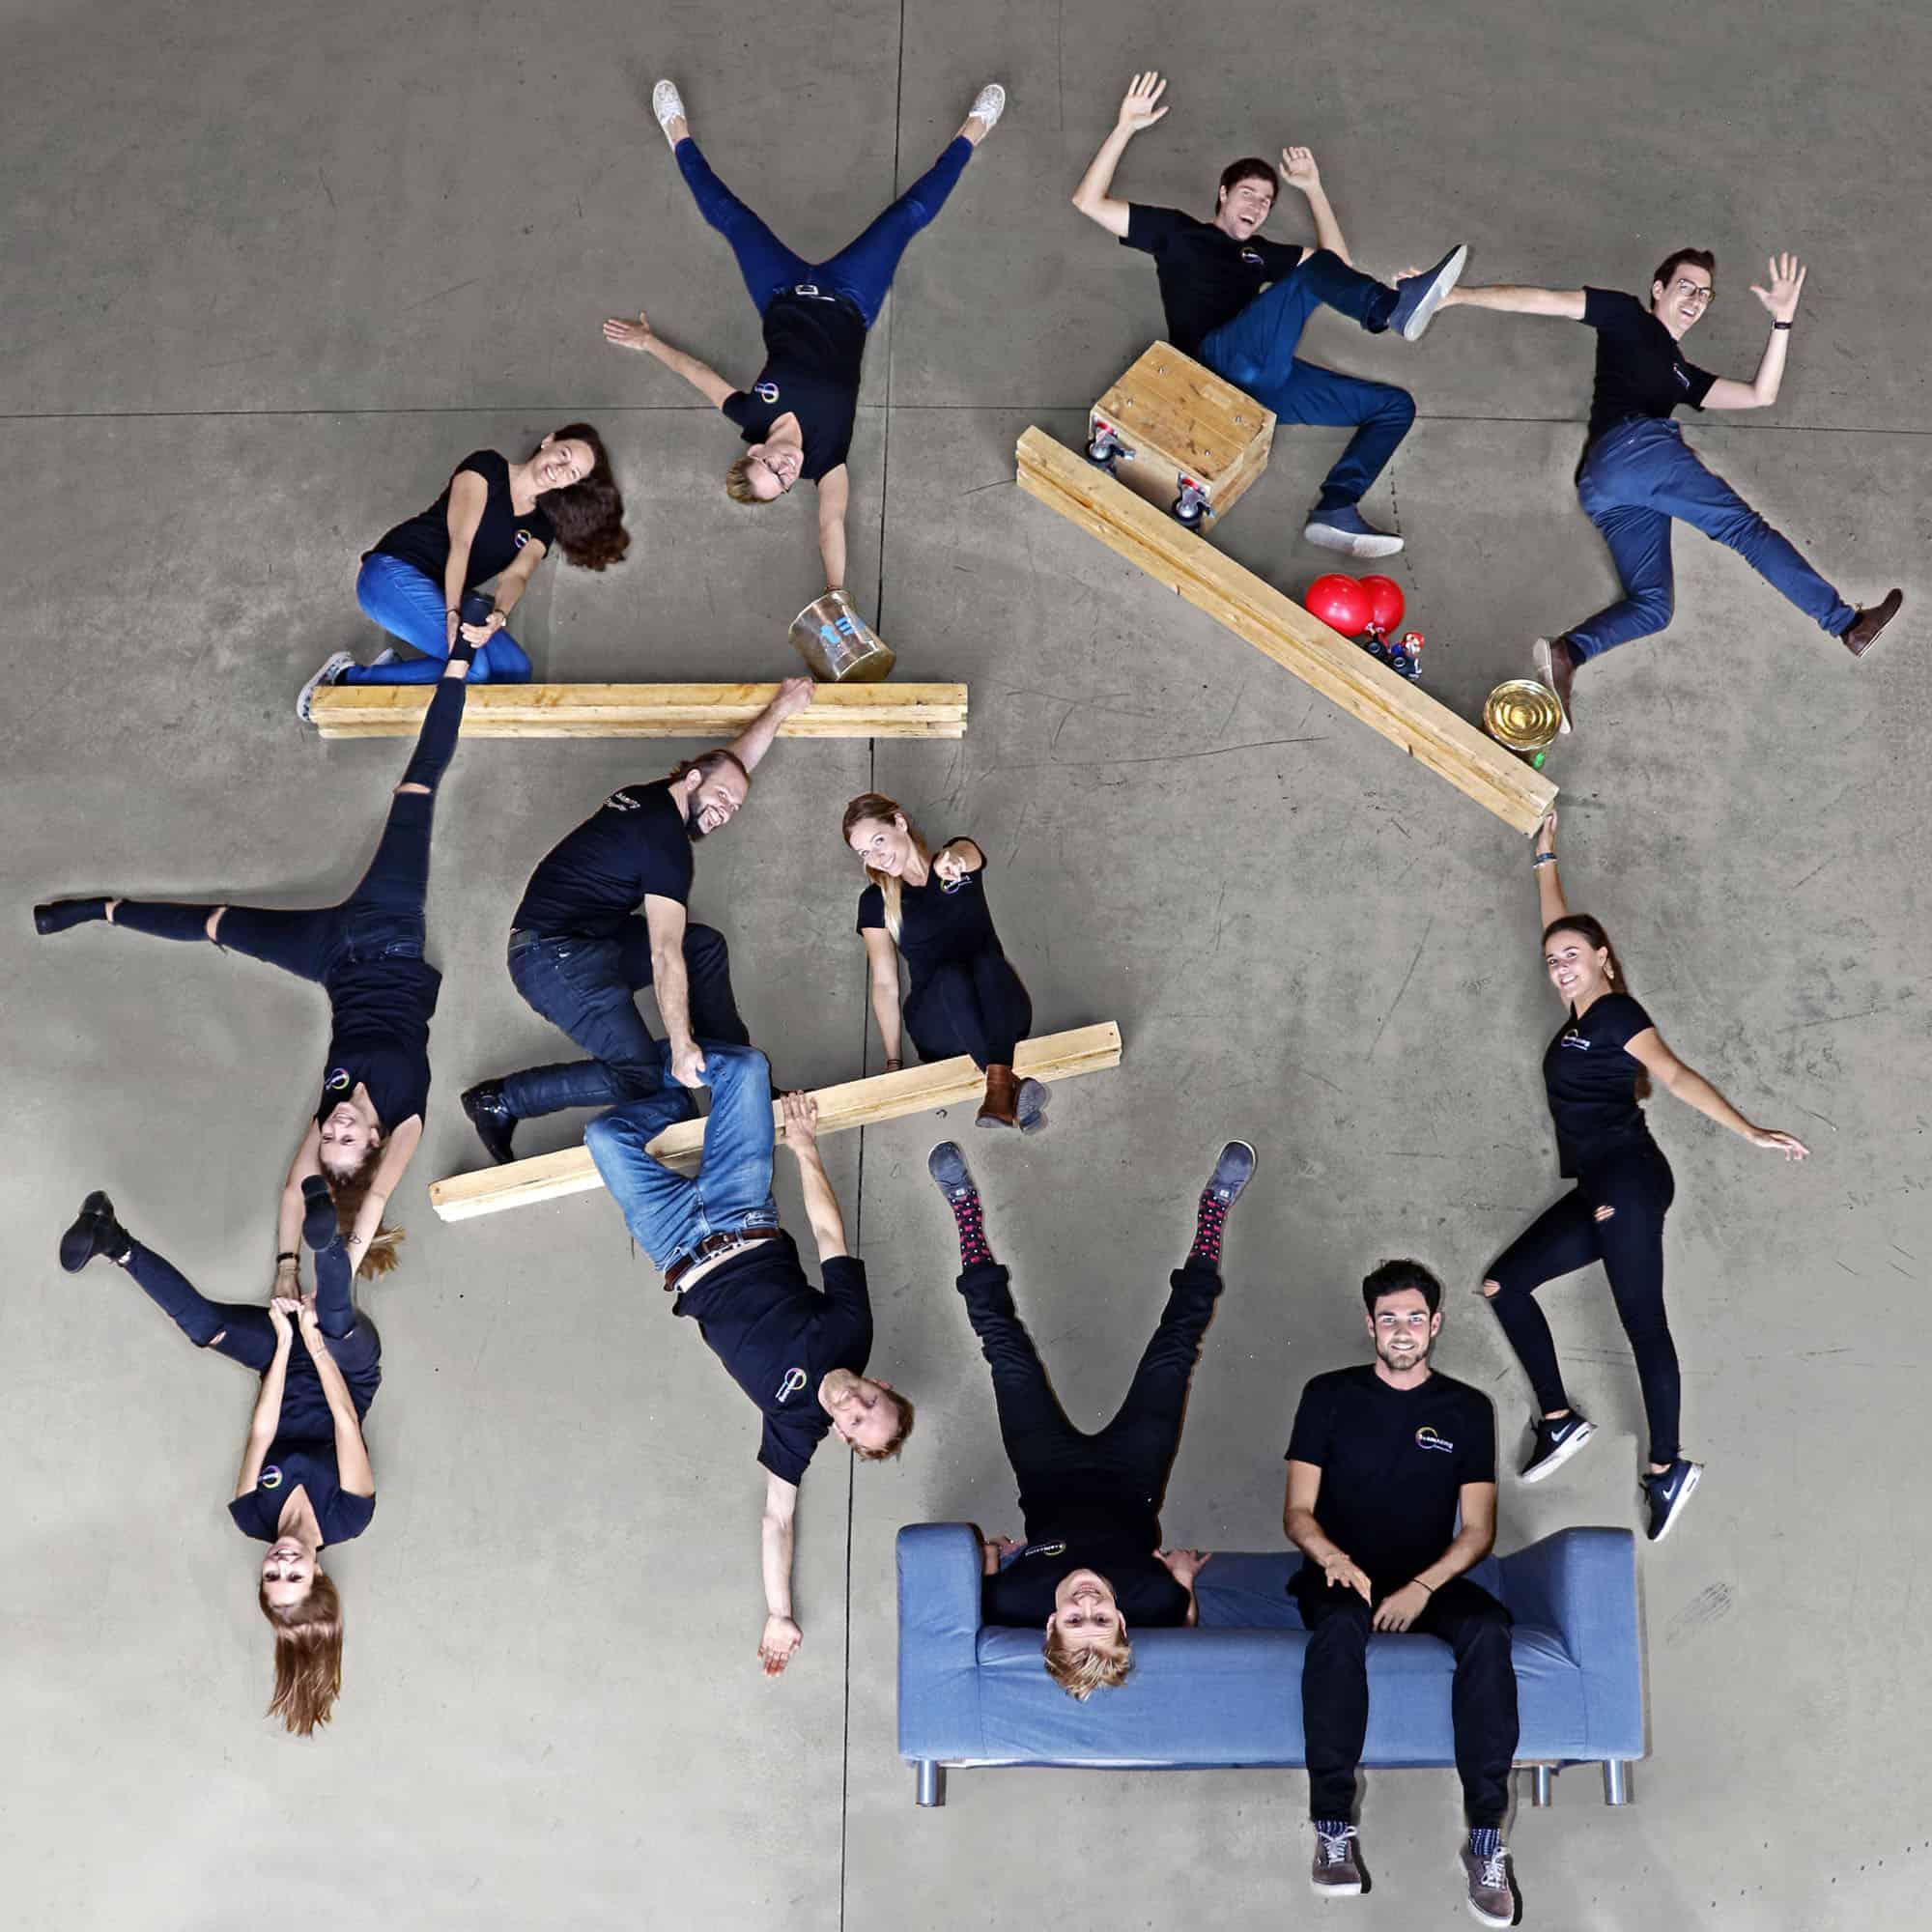 Ein Gravity Shot. Menschen liegen am Boden und tun so als würden sie sitzen und stehen.